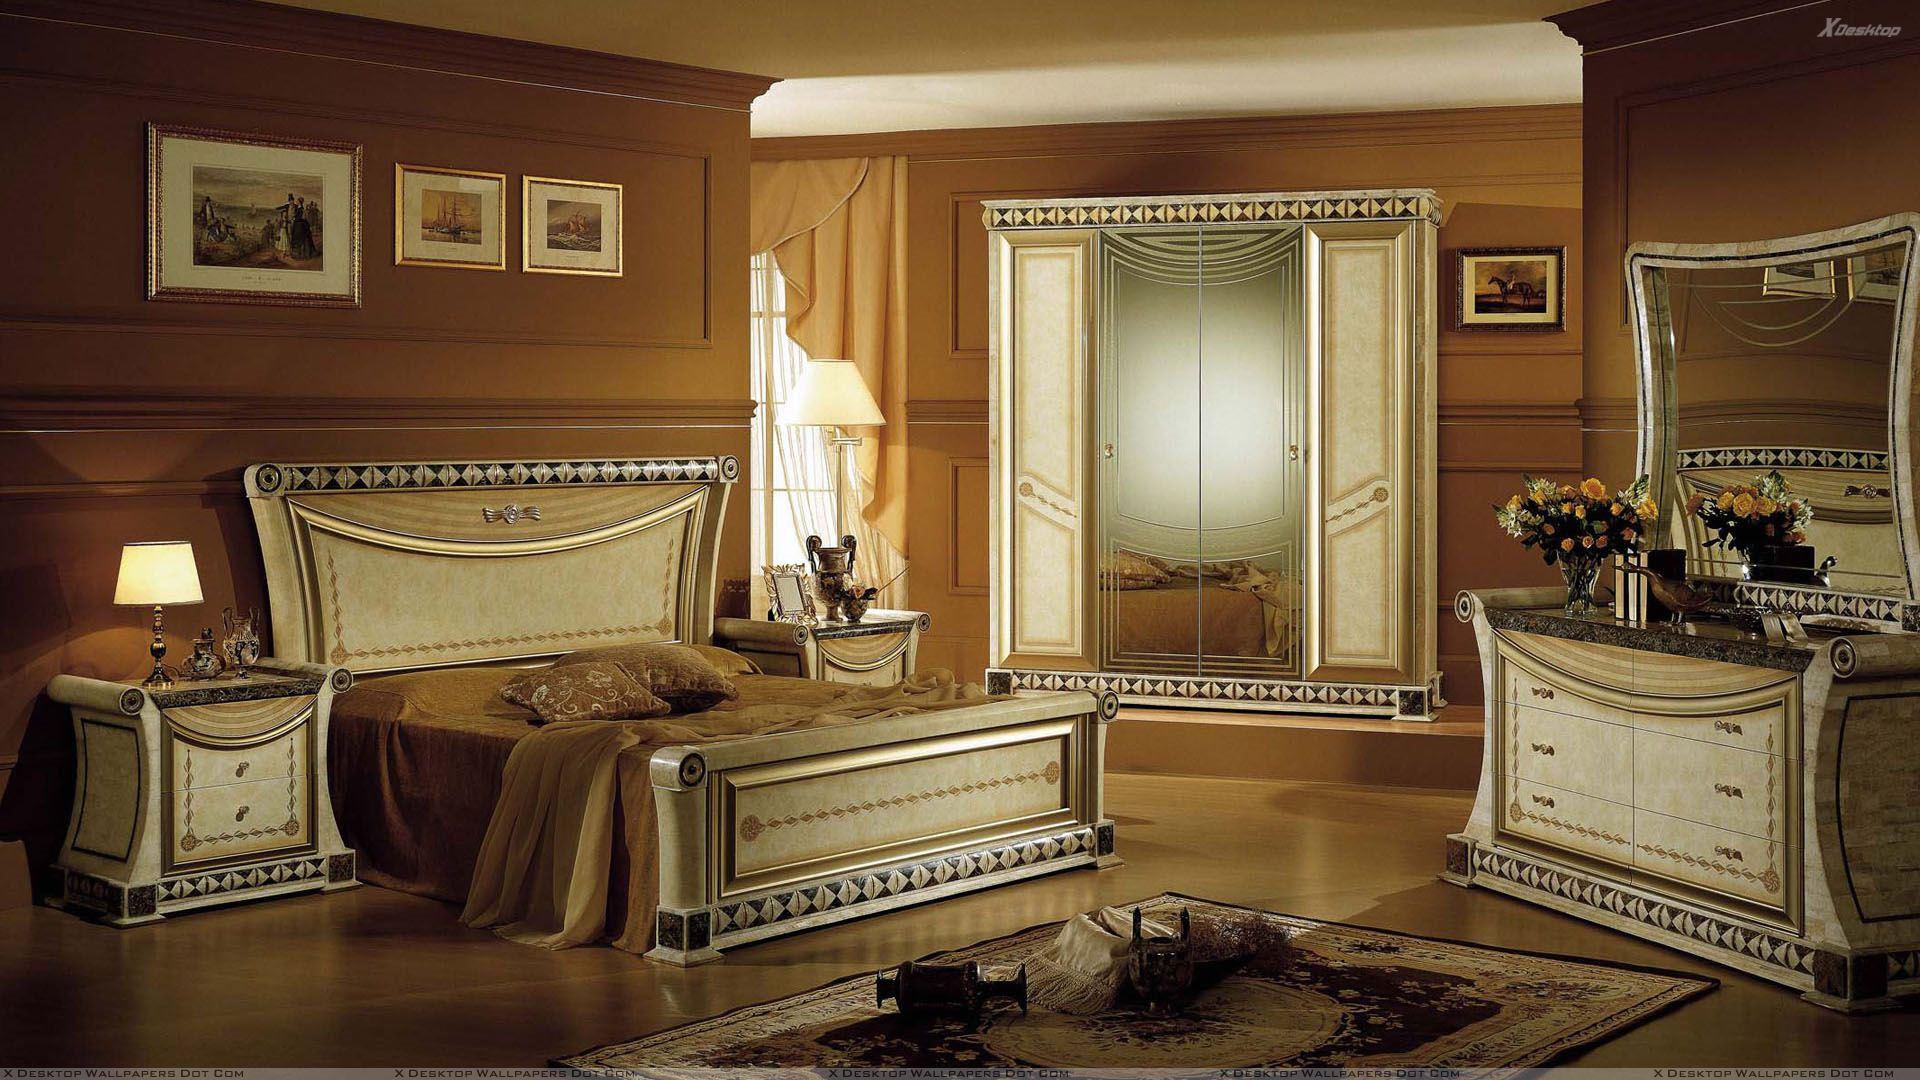 بالصور موديلات غرف نوم , عرف نوم حديثة وعصرية 3271 2